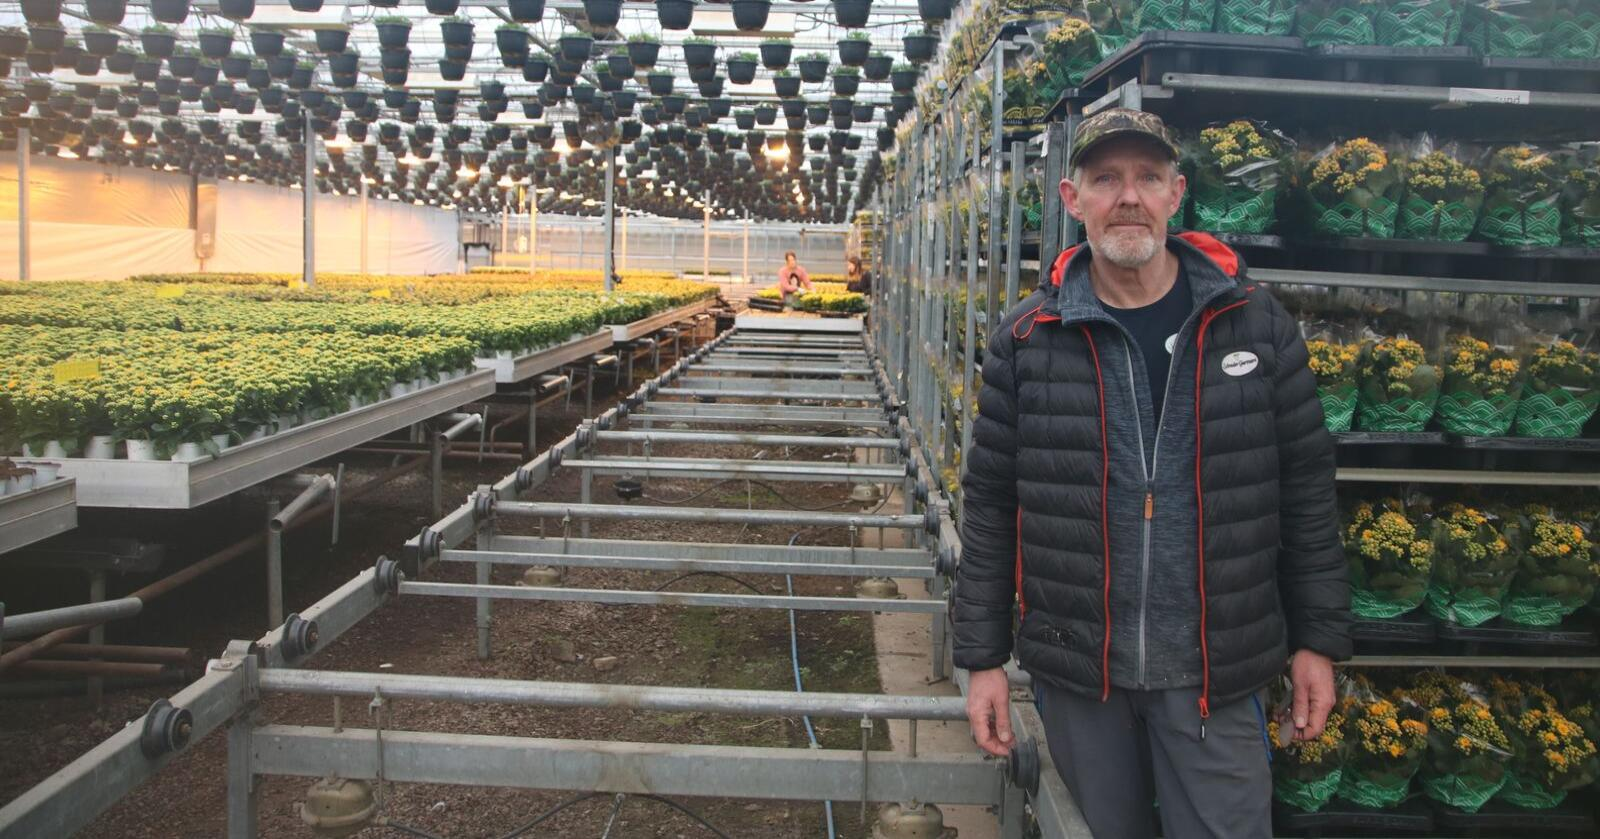 –  Bunnen har falt ut av markedet, sier Eystein Ruud i Schrader Gartneri. De fleste av blomstene som står i trallene bak han vil bli hevet i komposten. Foto: Knut Houge